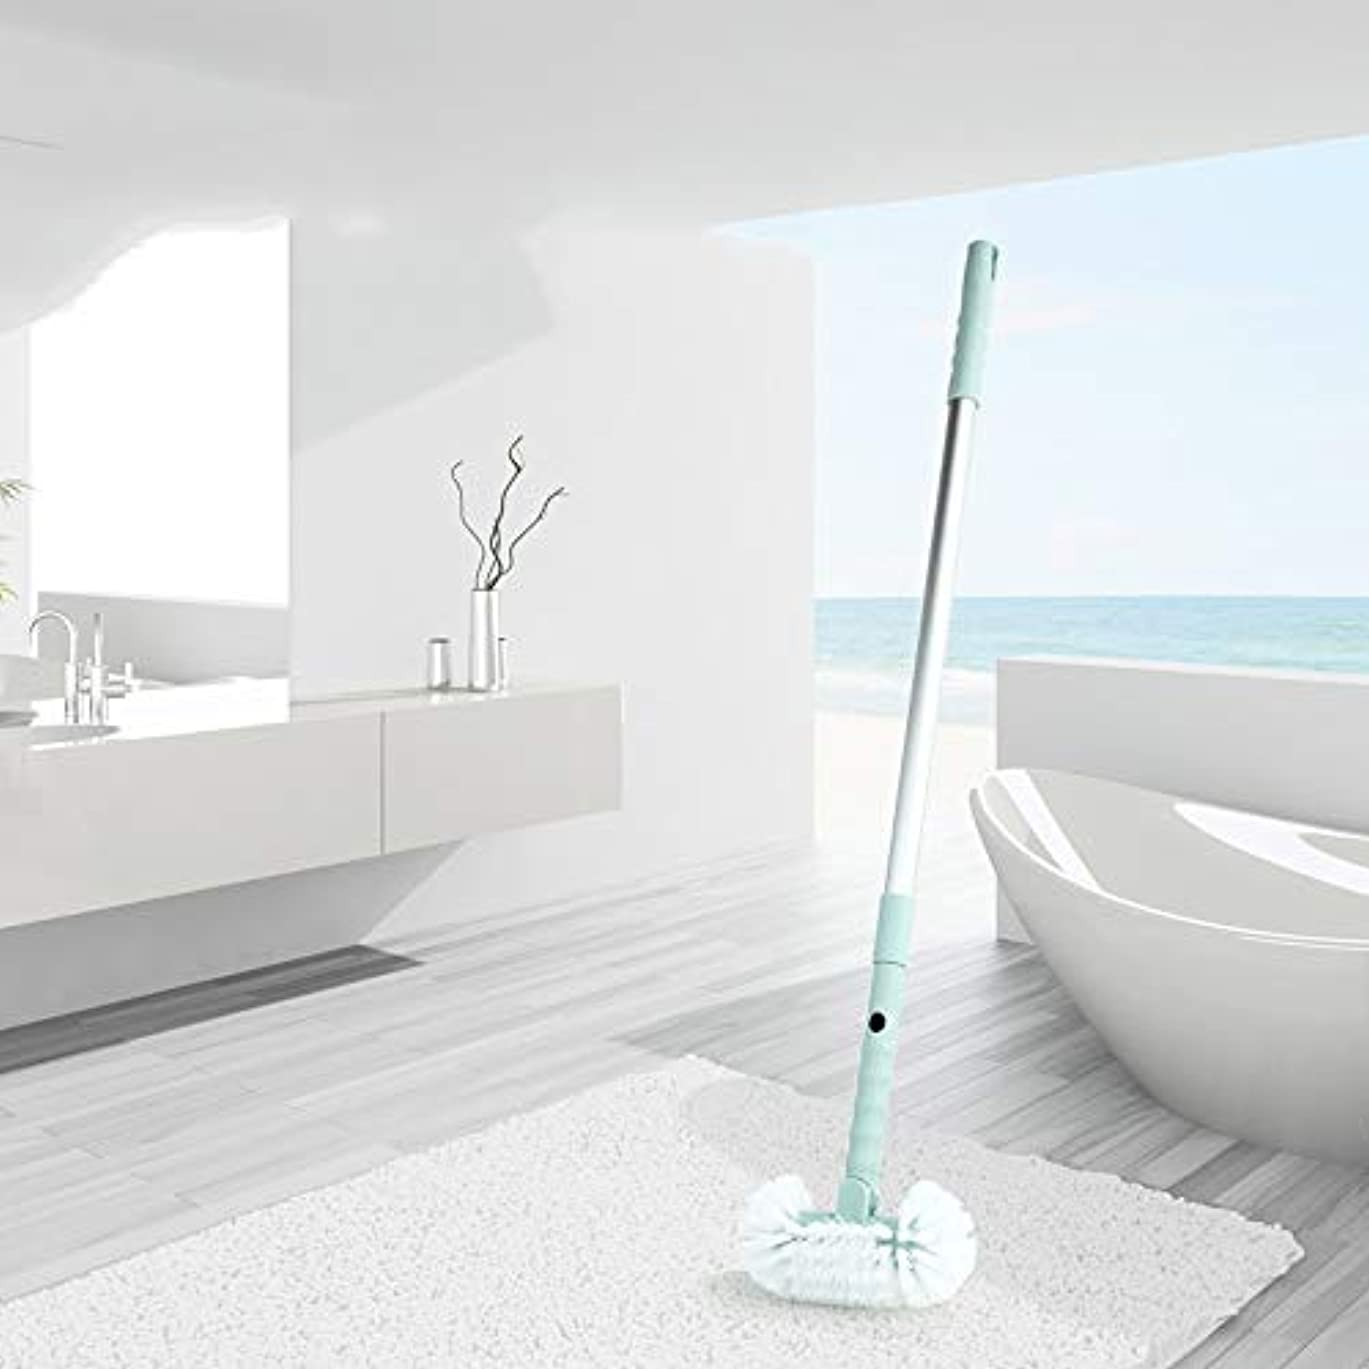 ポアクリーニング ホームバスルーム引き戻し可能なハードブラシトイレ浴室バスタブフロアクリーニングブラシ マッサージブラシ